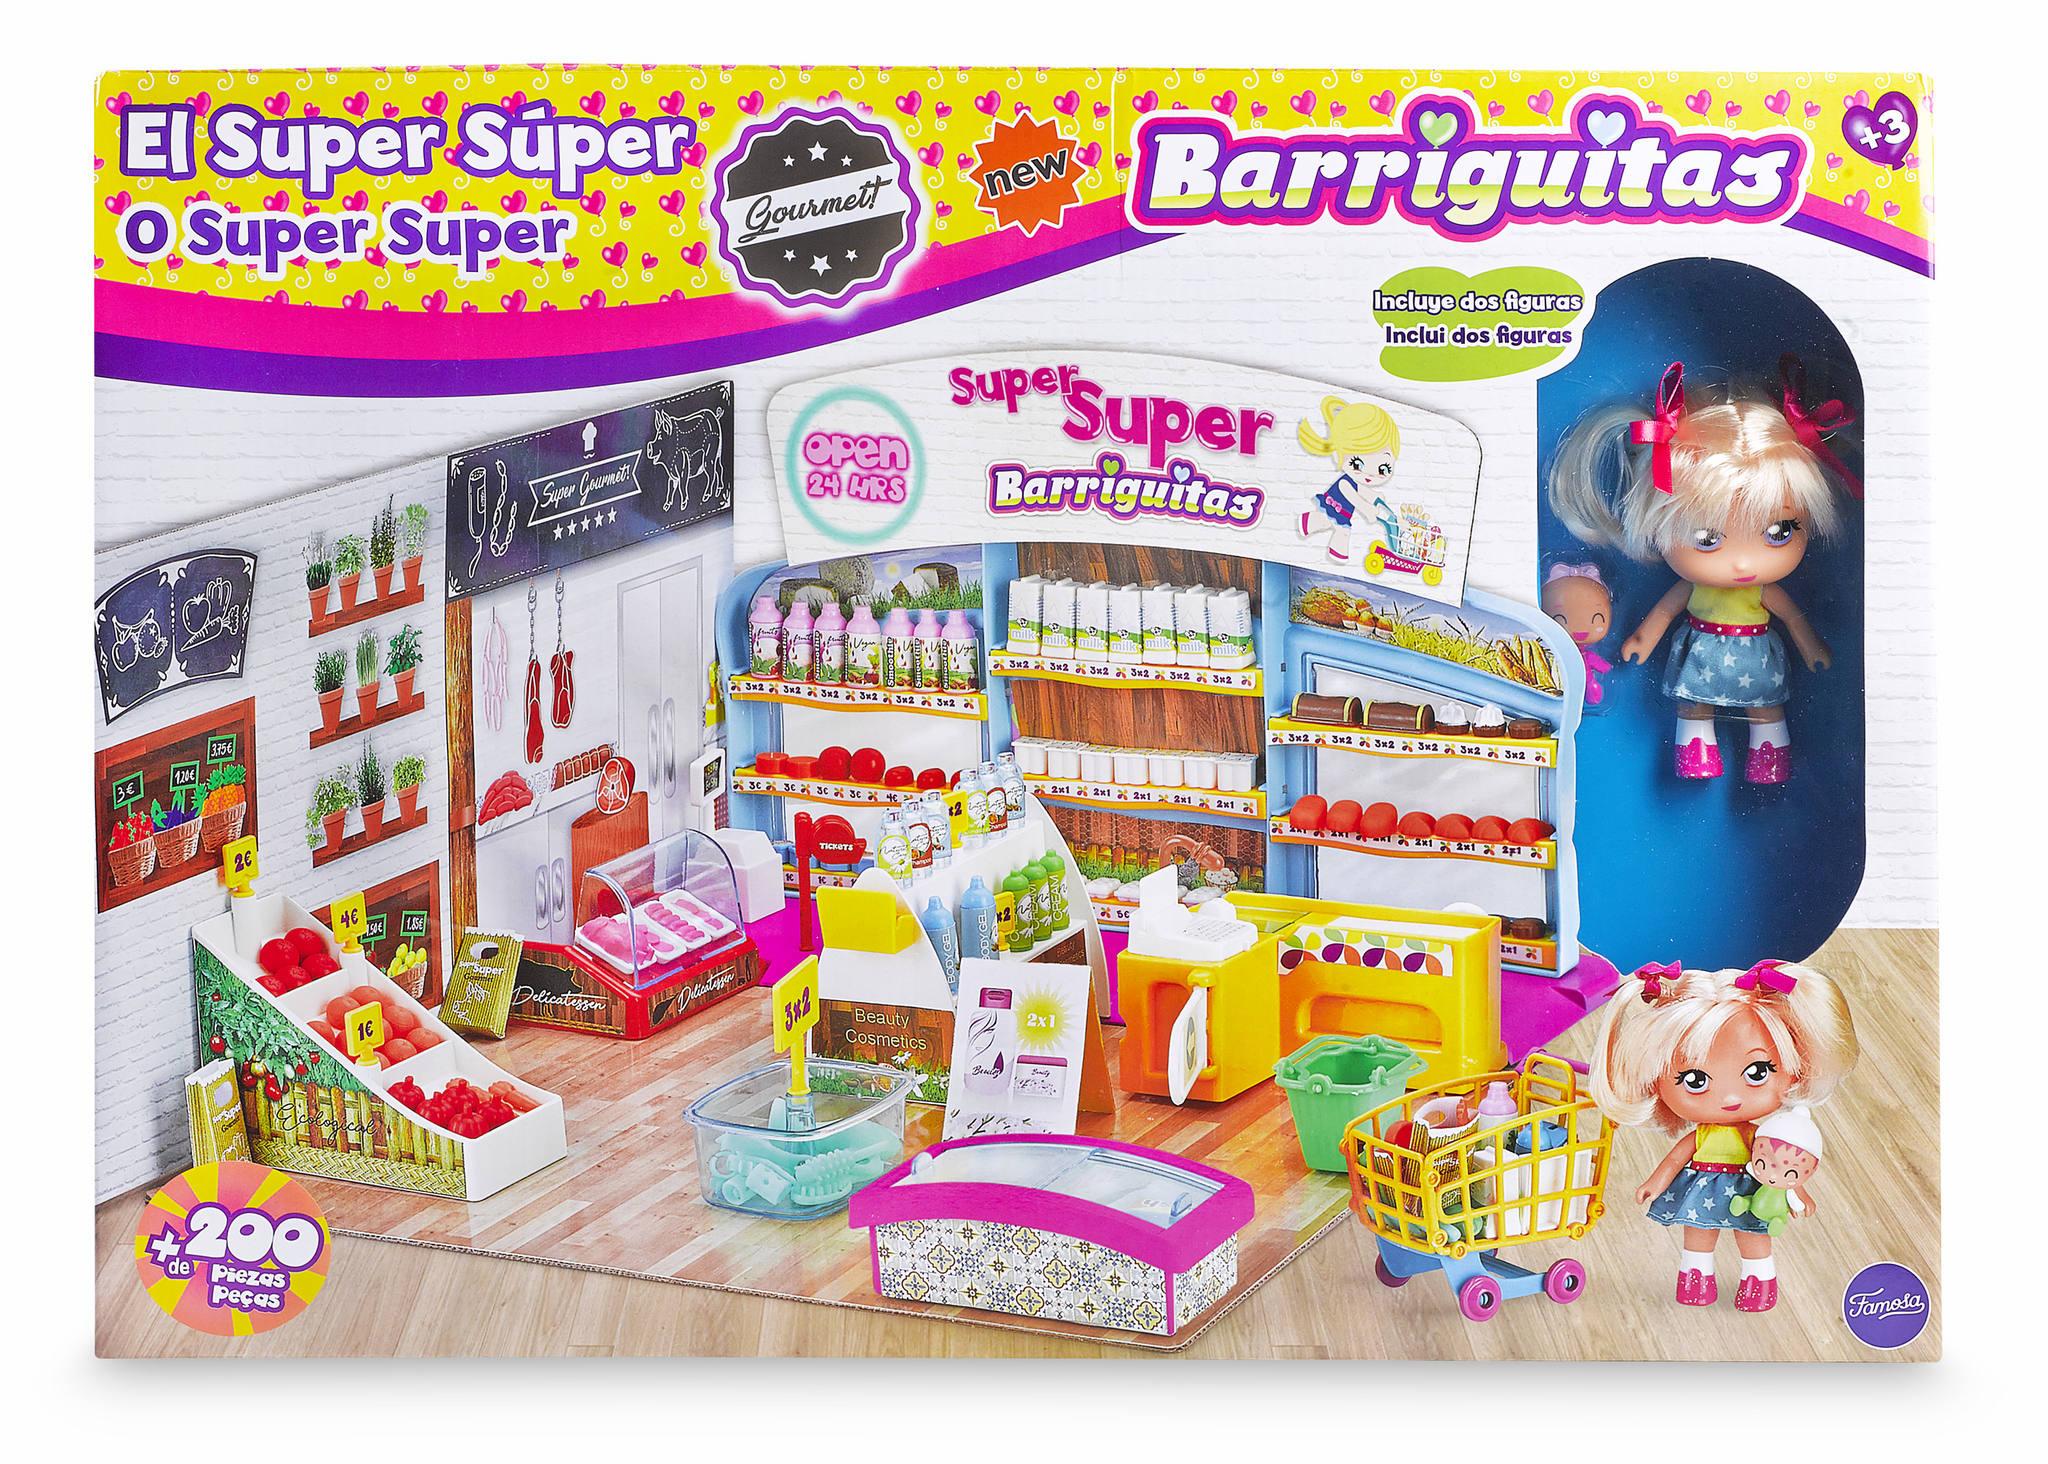 BARRIGUITAS NUEVO SUPERMERCADO 14516 - N11819